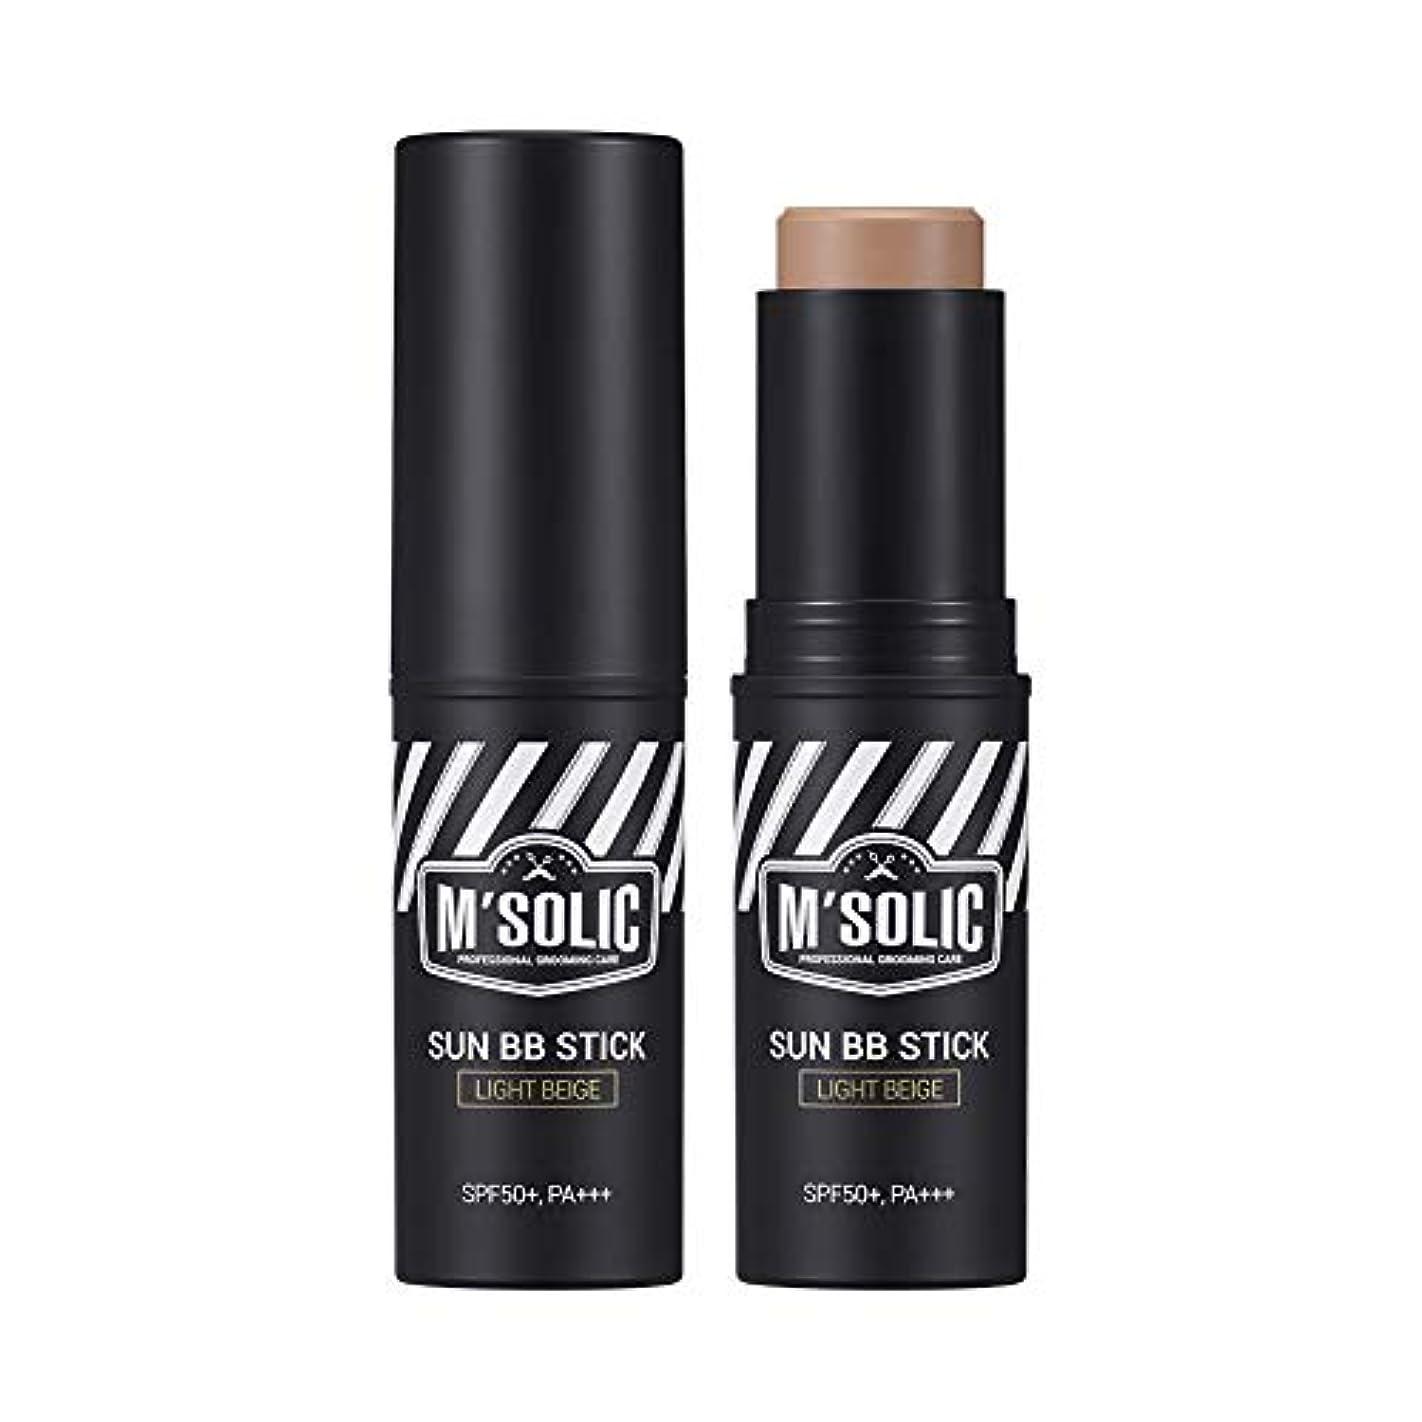 バラバラにする特権的通り【SNP公式】 M'SOLIC サン BBスティック/M'SOLIC SUN BB STICK_ NATURAL BEIGE メンズ 韓国コスメ BBスティック サンブロック トーンアップ 男性 スキンケア グルーミング